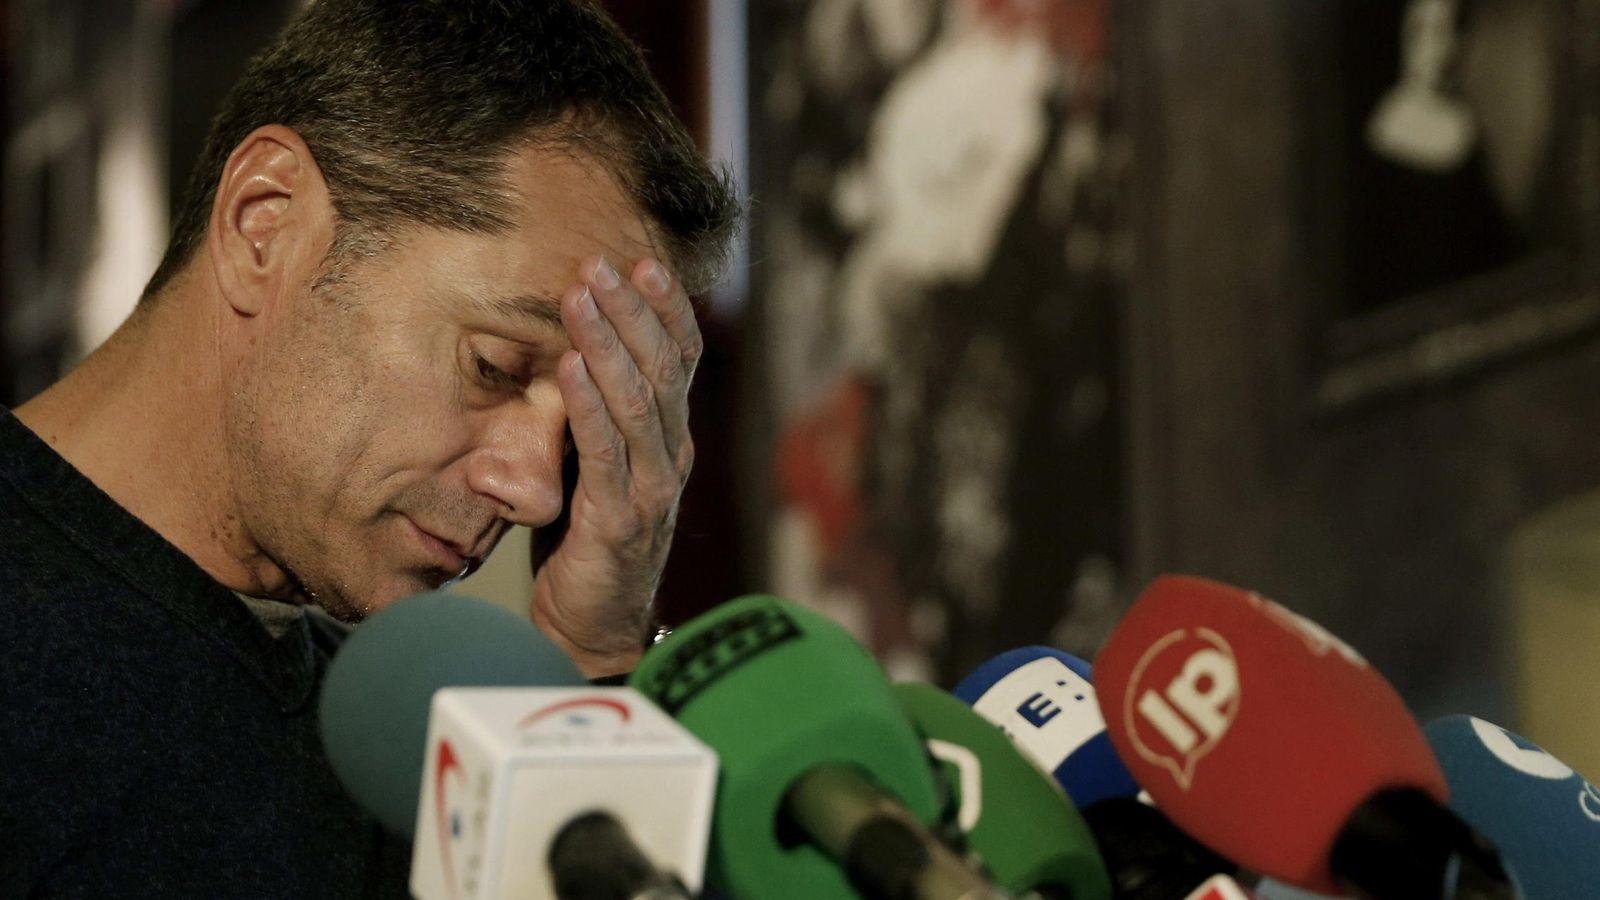 Foto: Toni Cantó este martes en la rueda de prensa en la que ha anunciado que deja su escaño en el Congreso. (Efe)